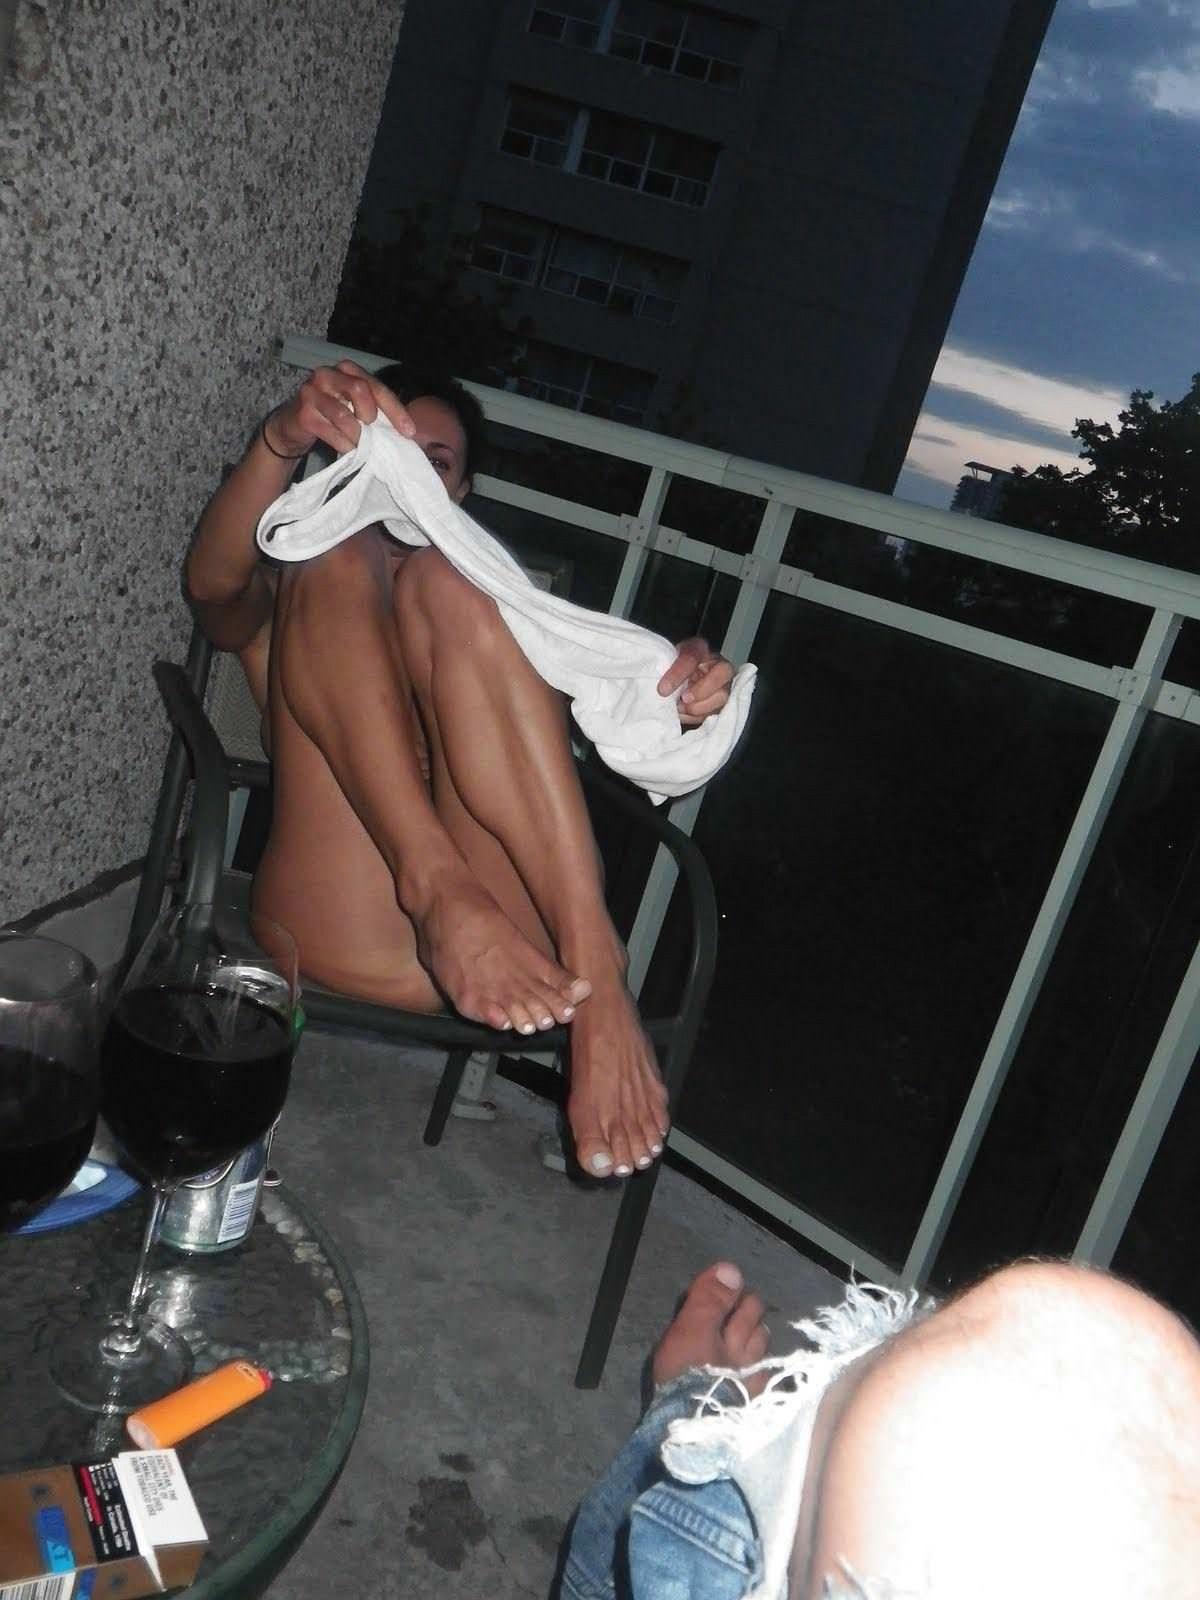 【外人】旦那の趣味でパイパンまんこやフェラしてる姿を撮られた巨乳人妻のポルノ画像 982